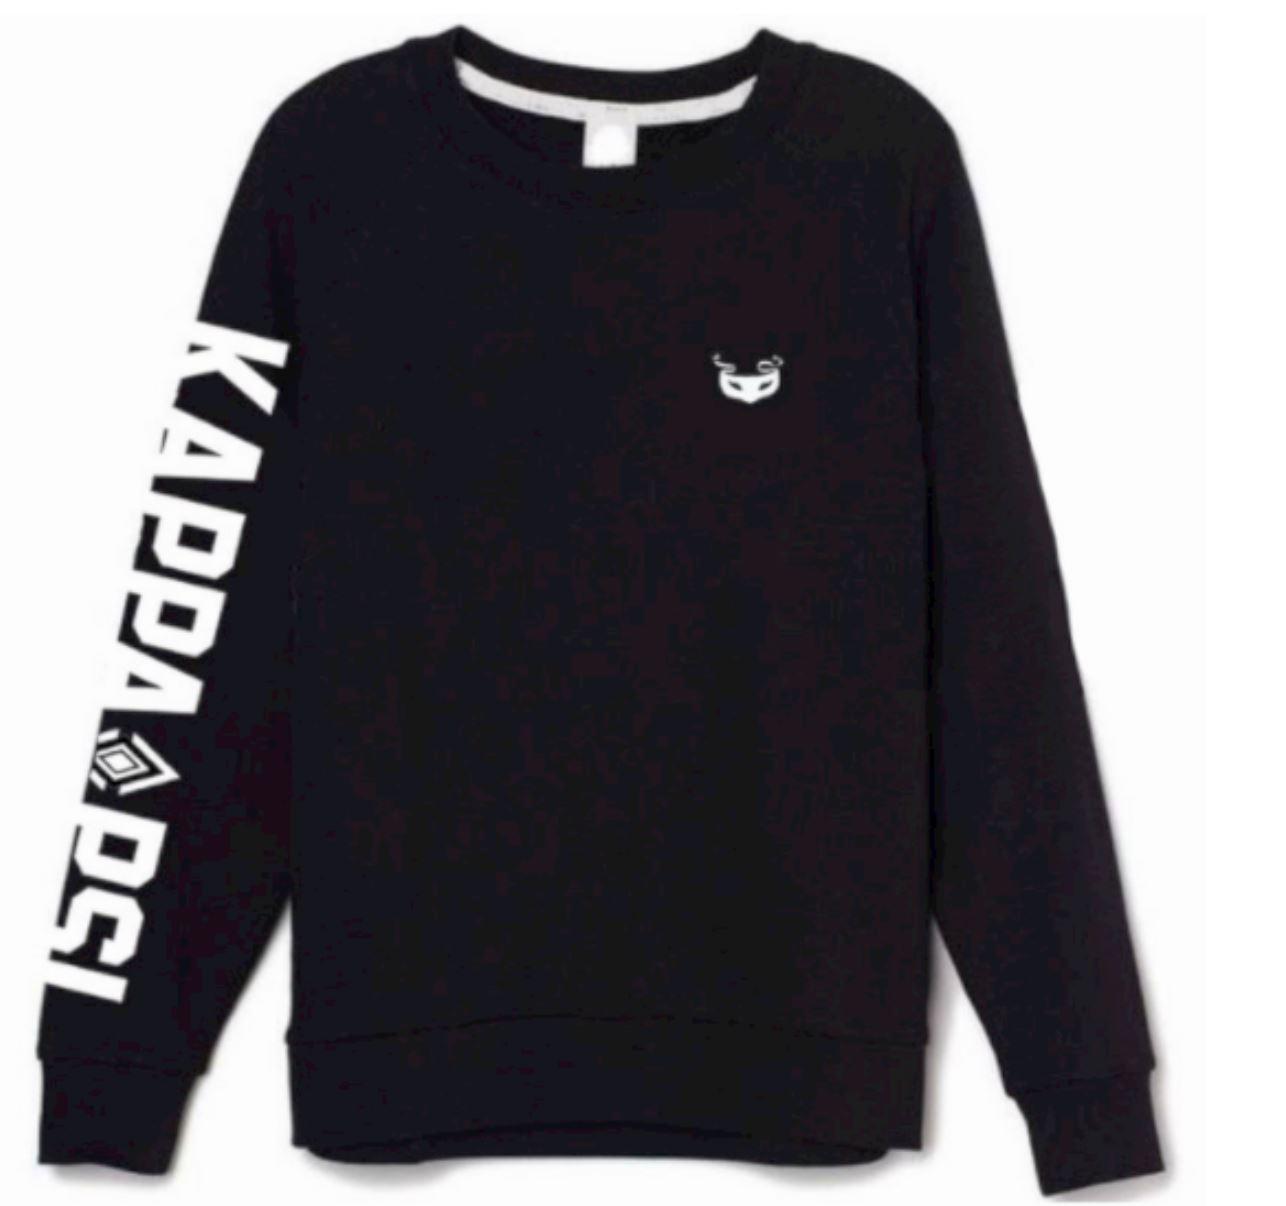 KY Mask Sweatshirt - $30.00